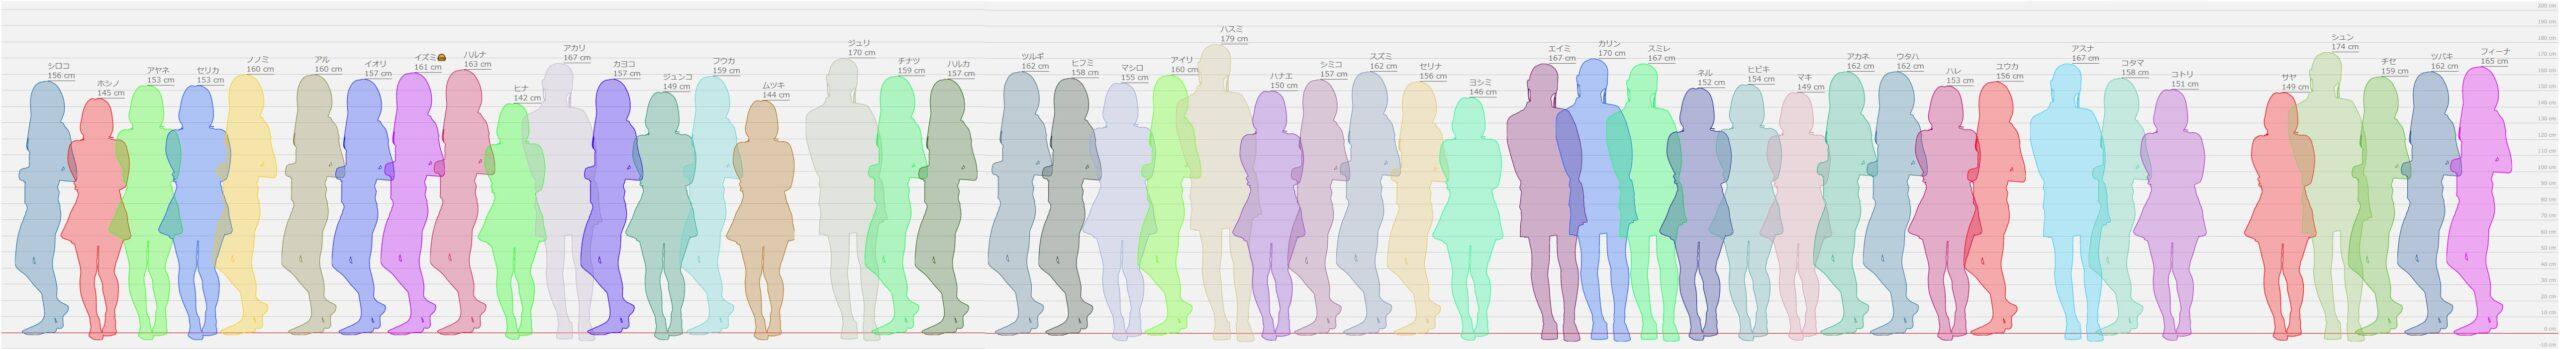 【ブルアカ】このゲームは平均身長未満の低身長が少ない